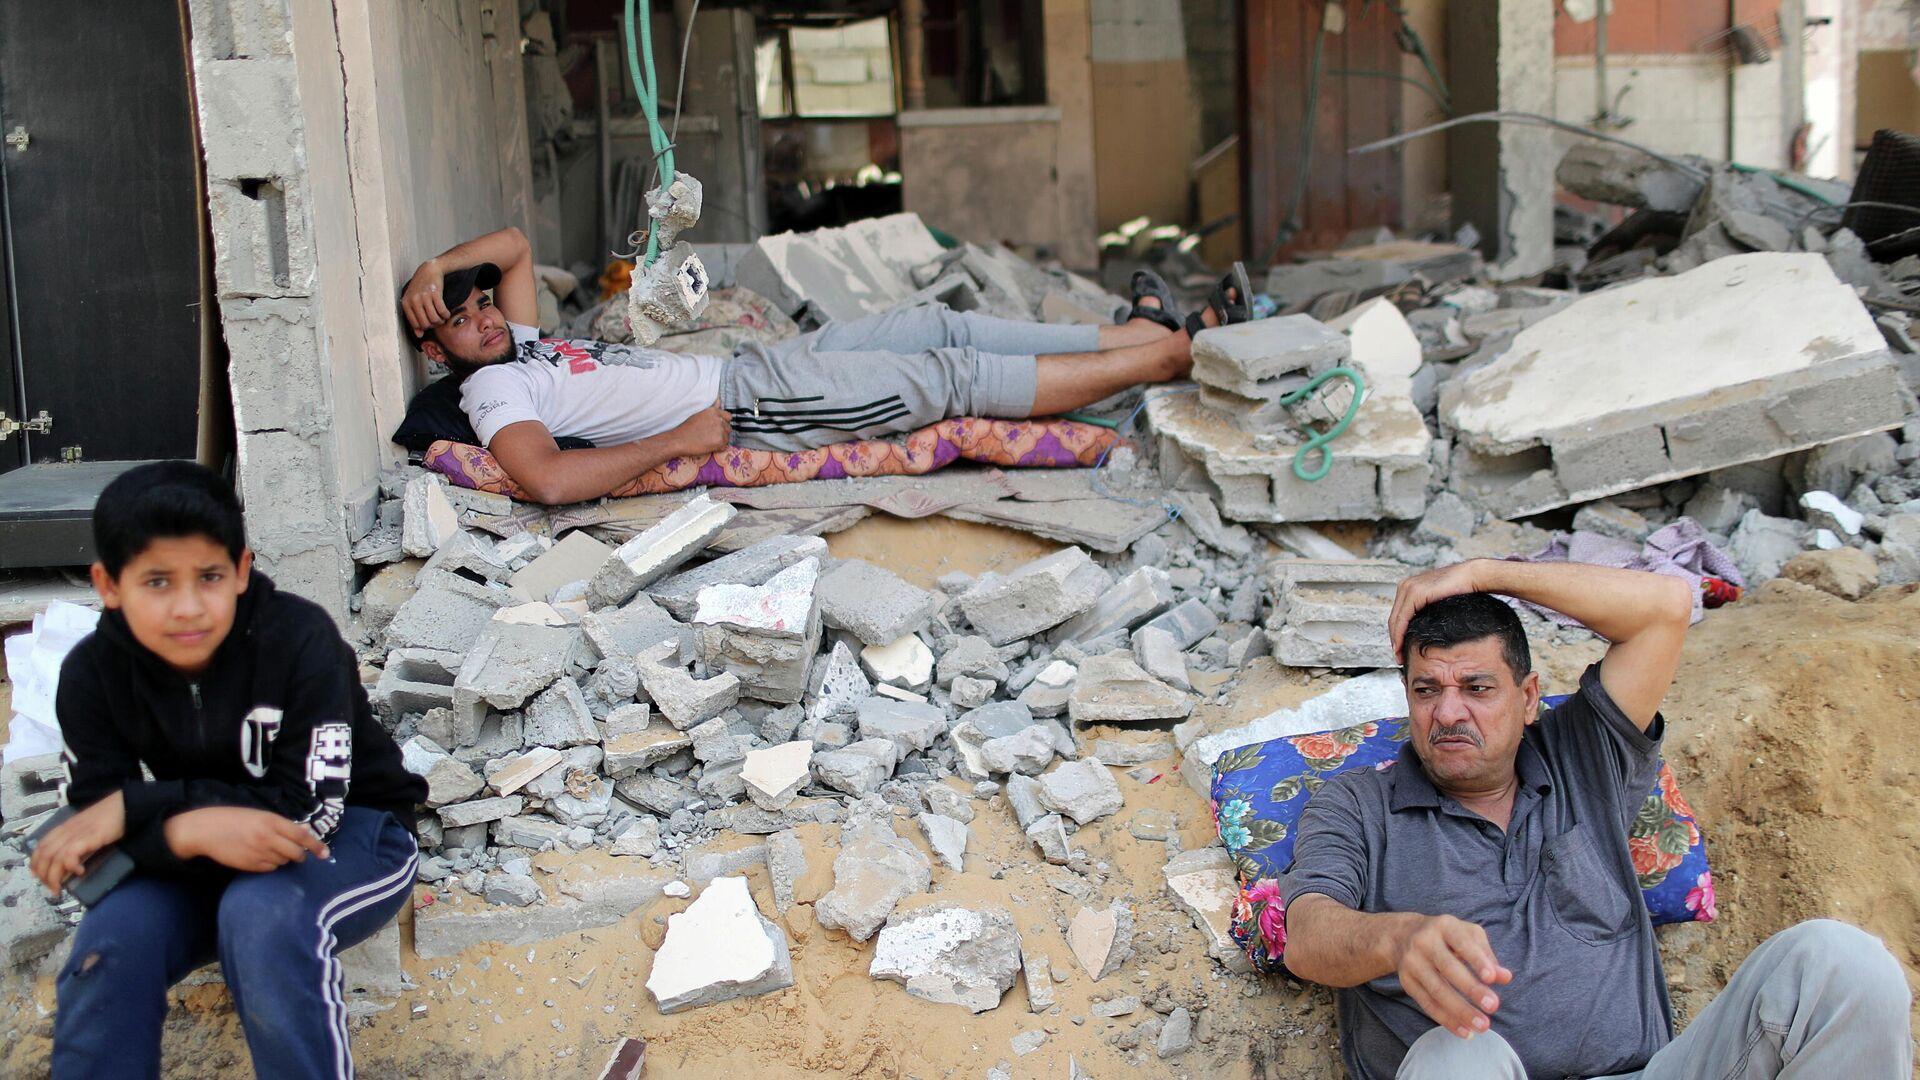 Палестинцы вернулись в свой разрушенный дом после объявления о прекращении огня между Израилем и ХАМАС - РИА Новости, 1920, 30.05.2021